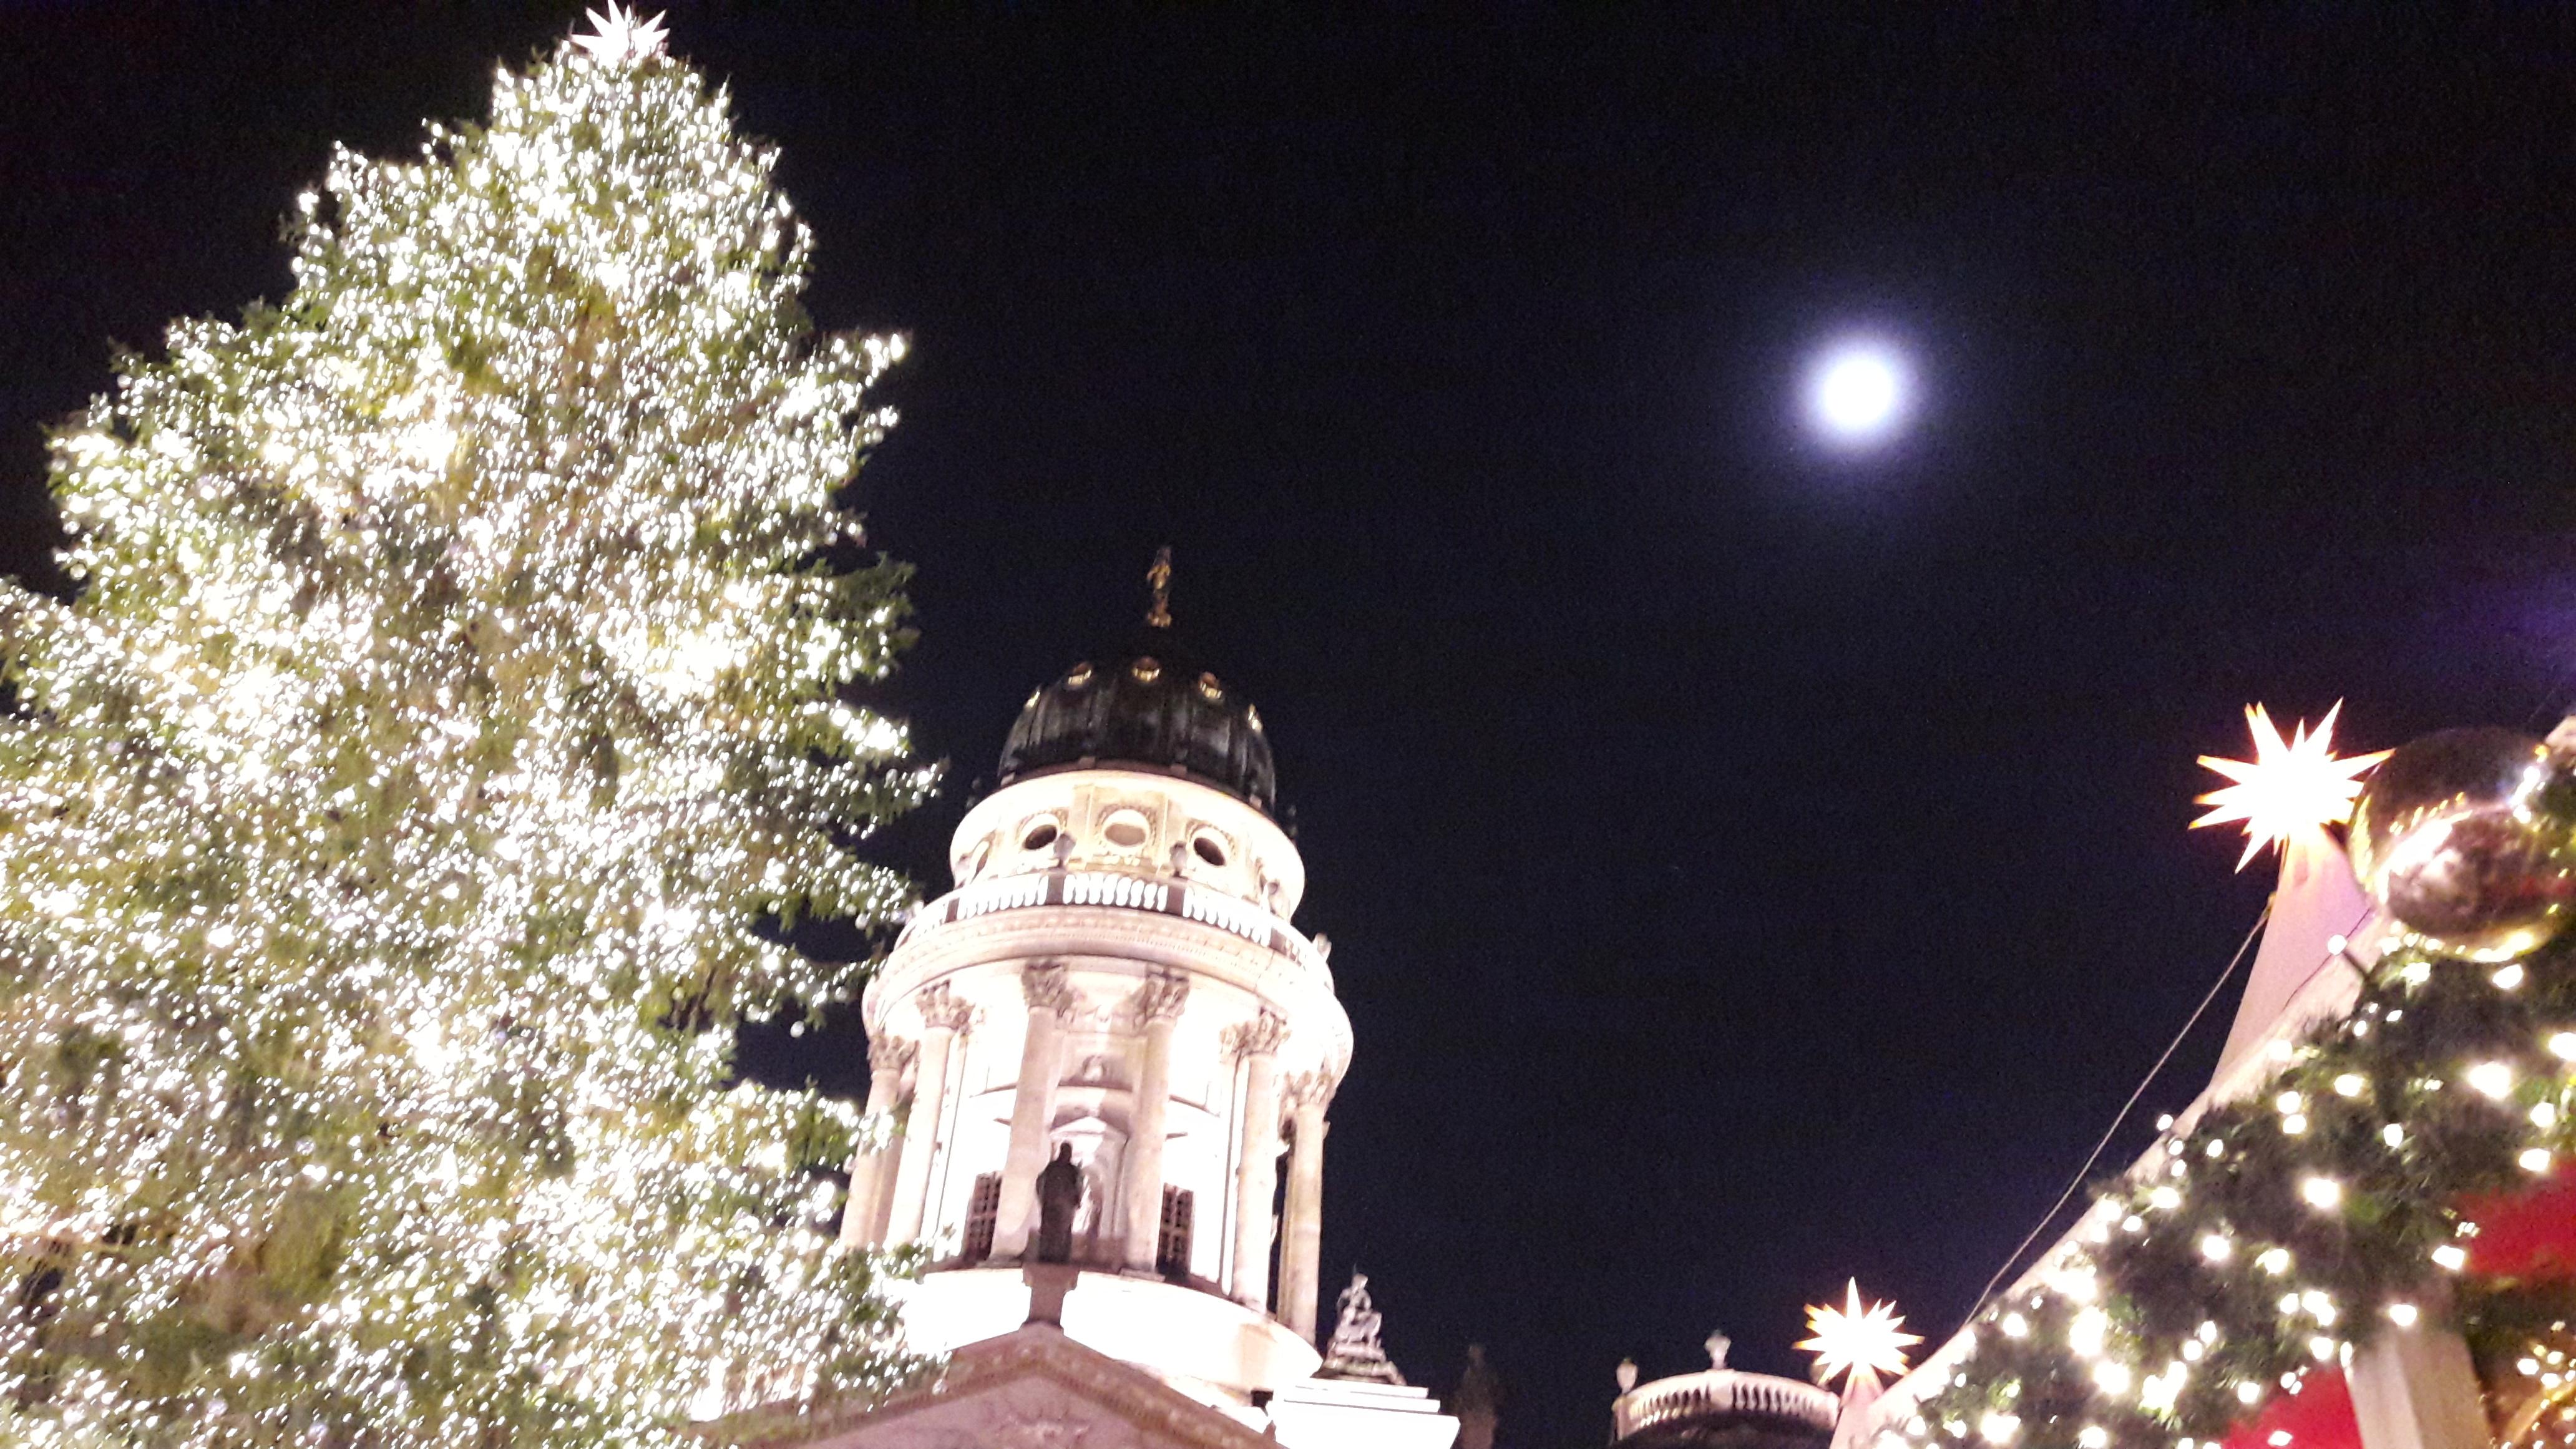 Weihnachten am Berliner Gendarmenmarkt mit Weihnachtsbaum, Deutschem Dom und Mond